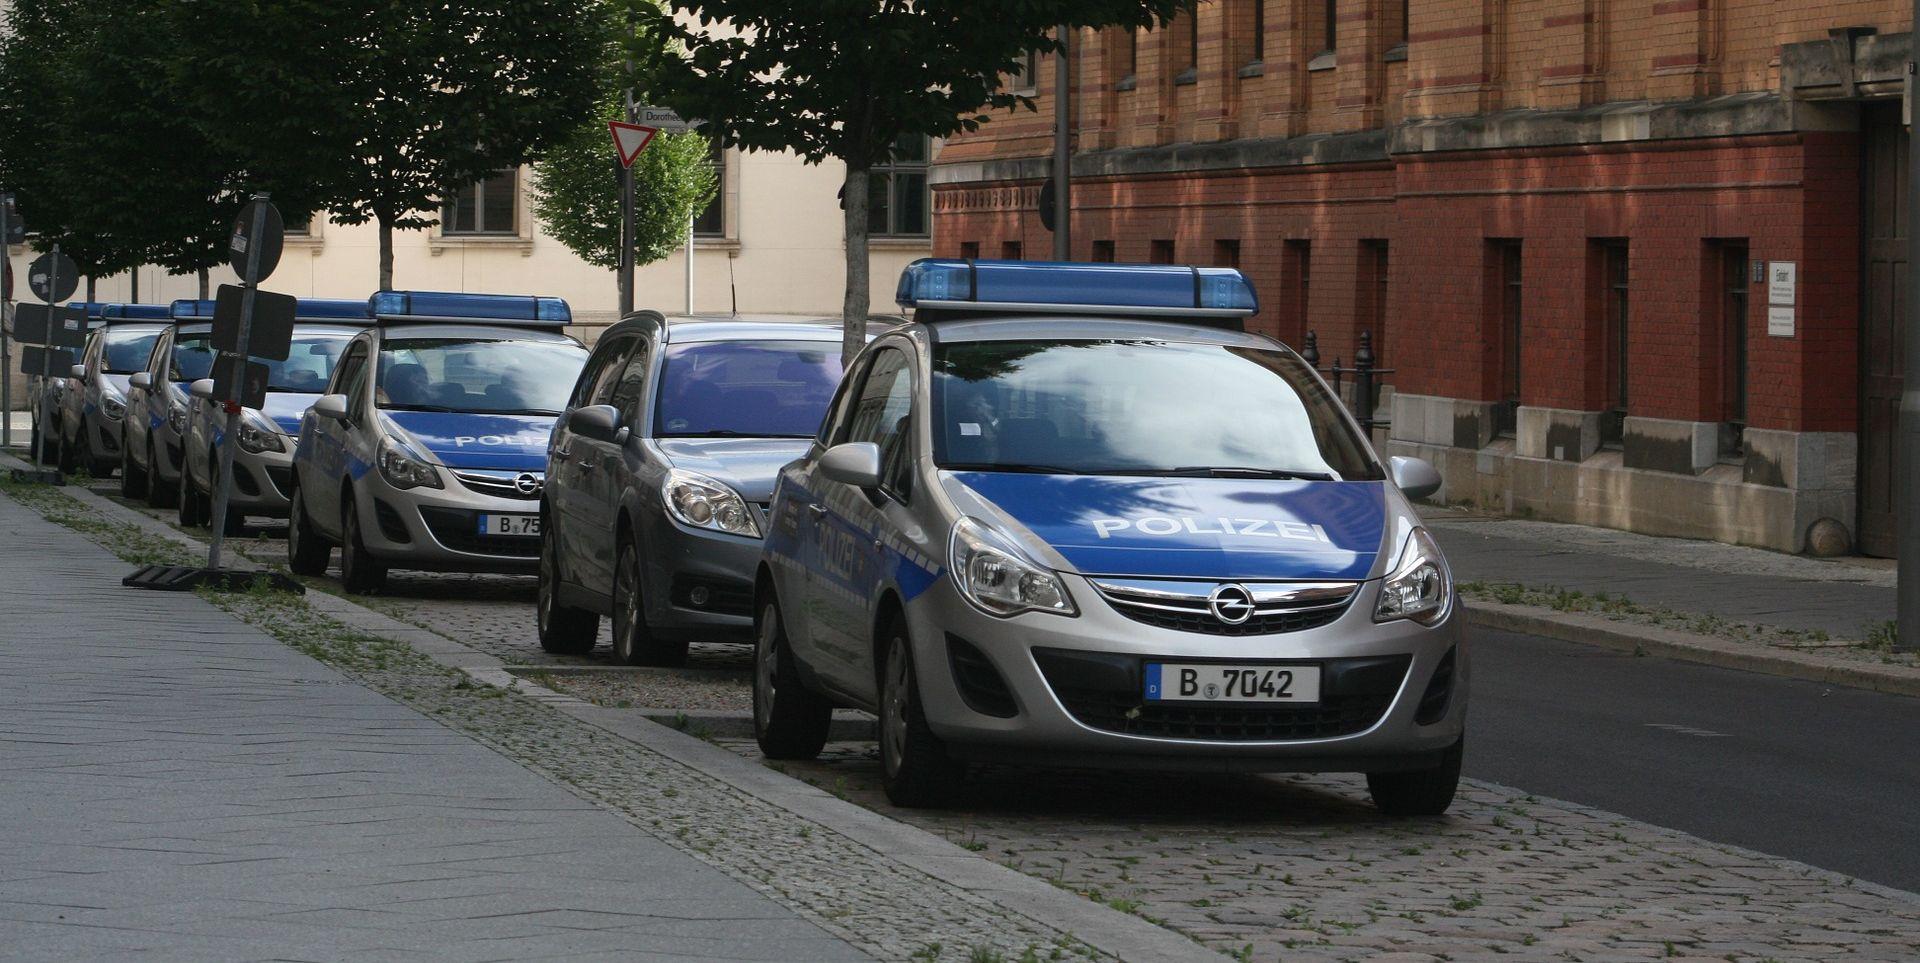 BERLIN Dvije osobe ozlijeđene u napadu nožem u gradskoj vijećnici, napadač u bijegu